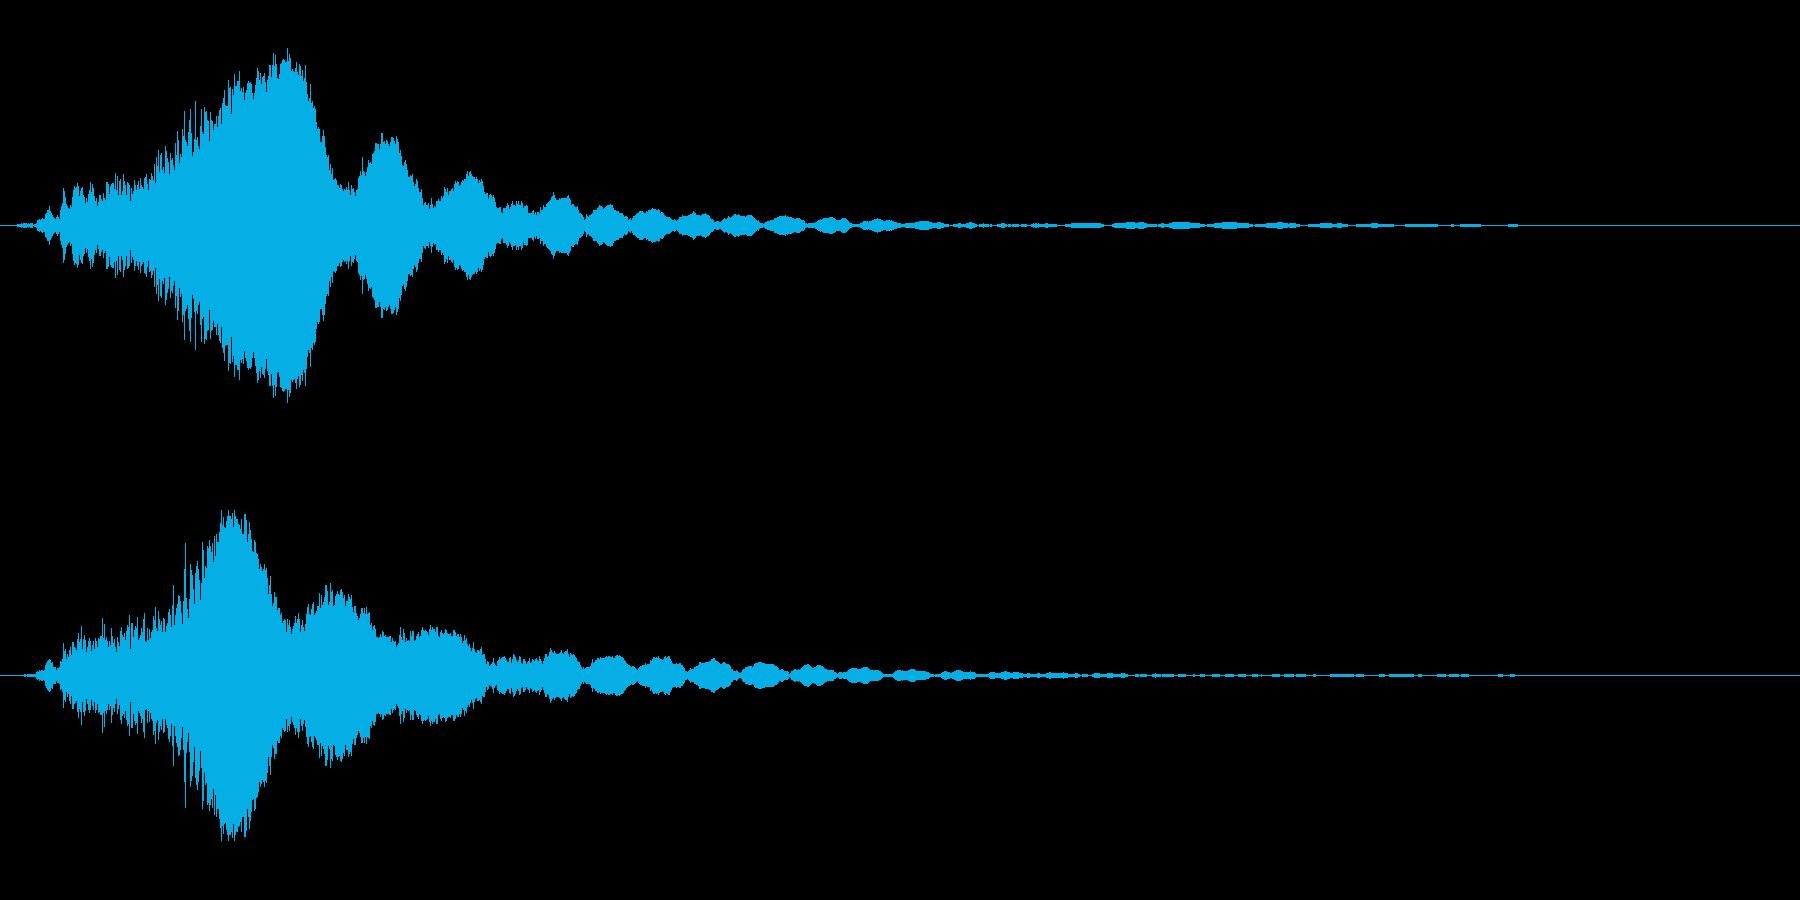 キラキラ☆ピキーン(星の輝き 魔法)10の再生済みの波形